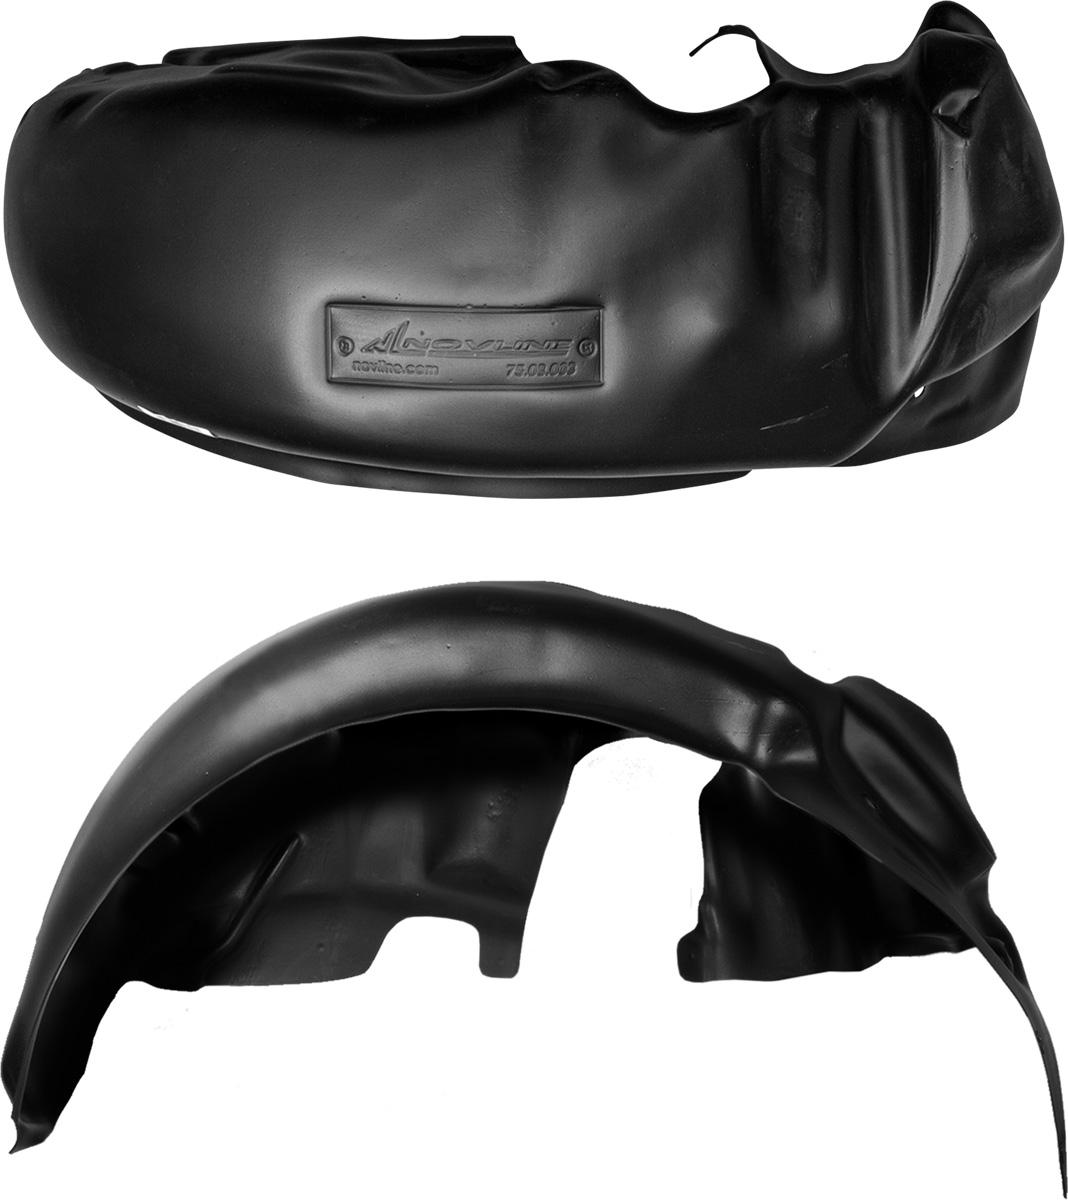 Подкрылок RENAULT Sandero, 01/2014->, задний левыйNLL.41.35.003Колесные ниши – одни из самых уязвимых зон днища вашего автомобиля. Они постоянно подвергаются воздействию со стороны дороги. Лучшая, почти абсолютная защита для них - специально отформованные пластиковые кожухи, которые называются подкрылками, или локерами. Производятся они как для отечественных моделей автомобилей, так и для иномарок. Подкрылки выполнены из высококачественного, экологически чистого пластика. Обеспечивают надежную защиту кузова автомобиля от пескоструйного эффекта и негативного влияния, агрессивных антигололедных реагентов. Пластик обладает более низкой теплопроводностью, чем металл, поэтому в зимний период эксплуатации использование пластиковых подкрылков позволяет лучше защитить колесные ниши от налипания снега и образования наледи. Оригинальность конструкции подчеркивает элегантность автомобиля, бережно защищает нанесенное на днище кузова антикоррозийное покрытие и позволяет осуществить крепление подкрылков внутри колесной арки практически без дополнительного...